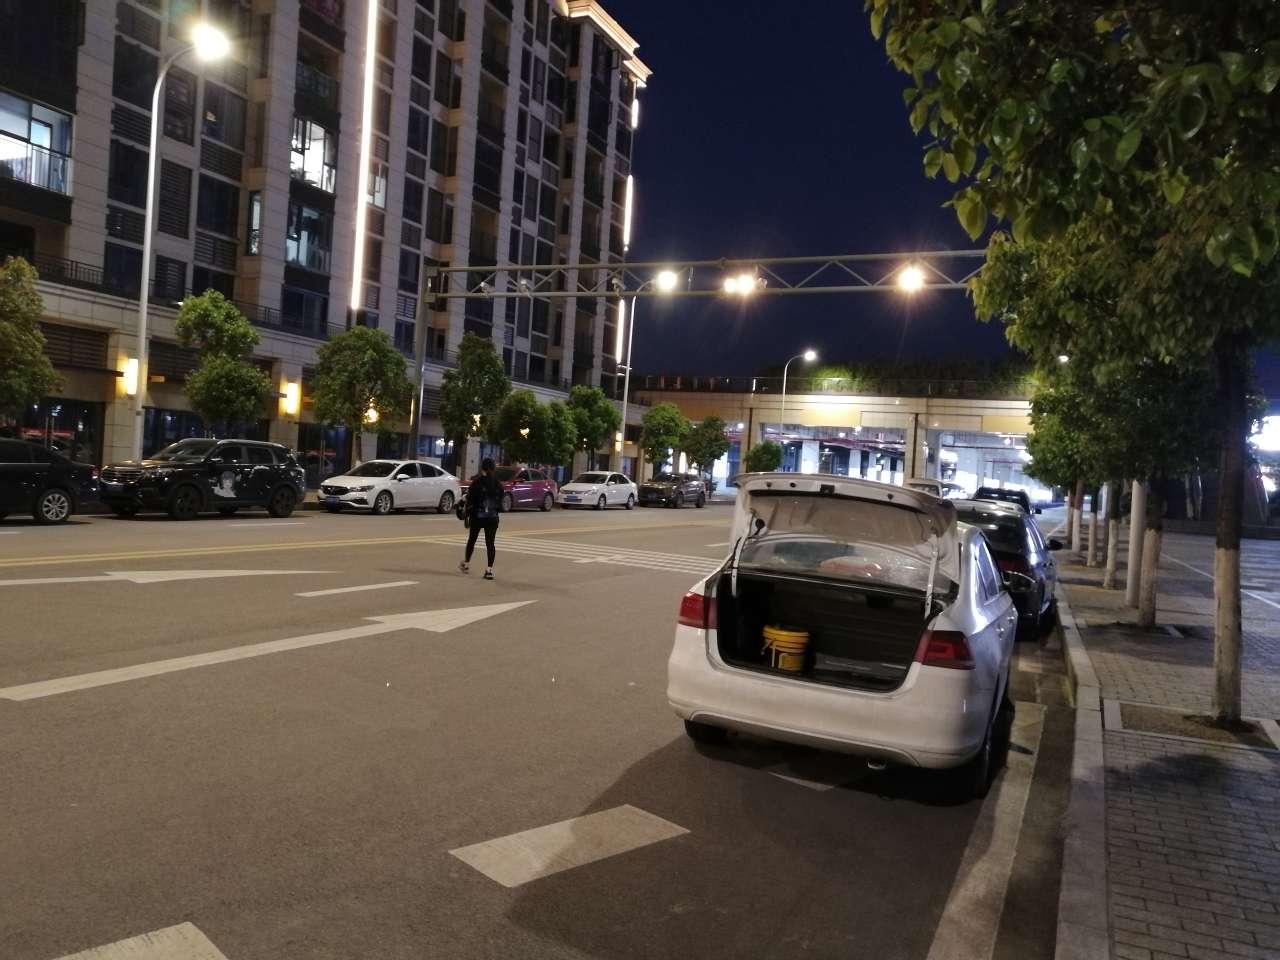 梁平南站四路那监控下面停了好多车,顶上那些摄像头监控不到吗?